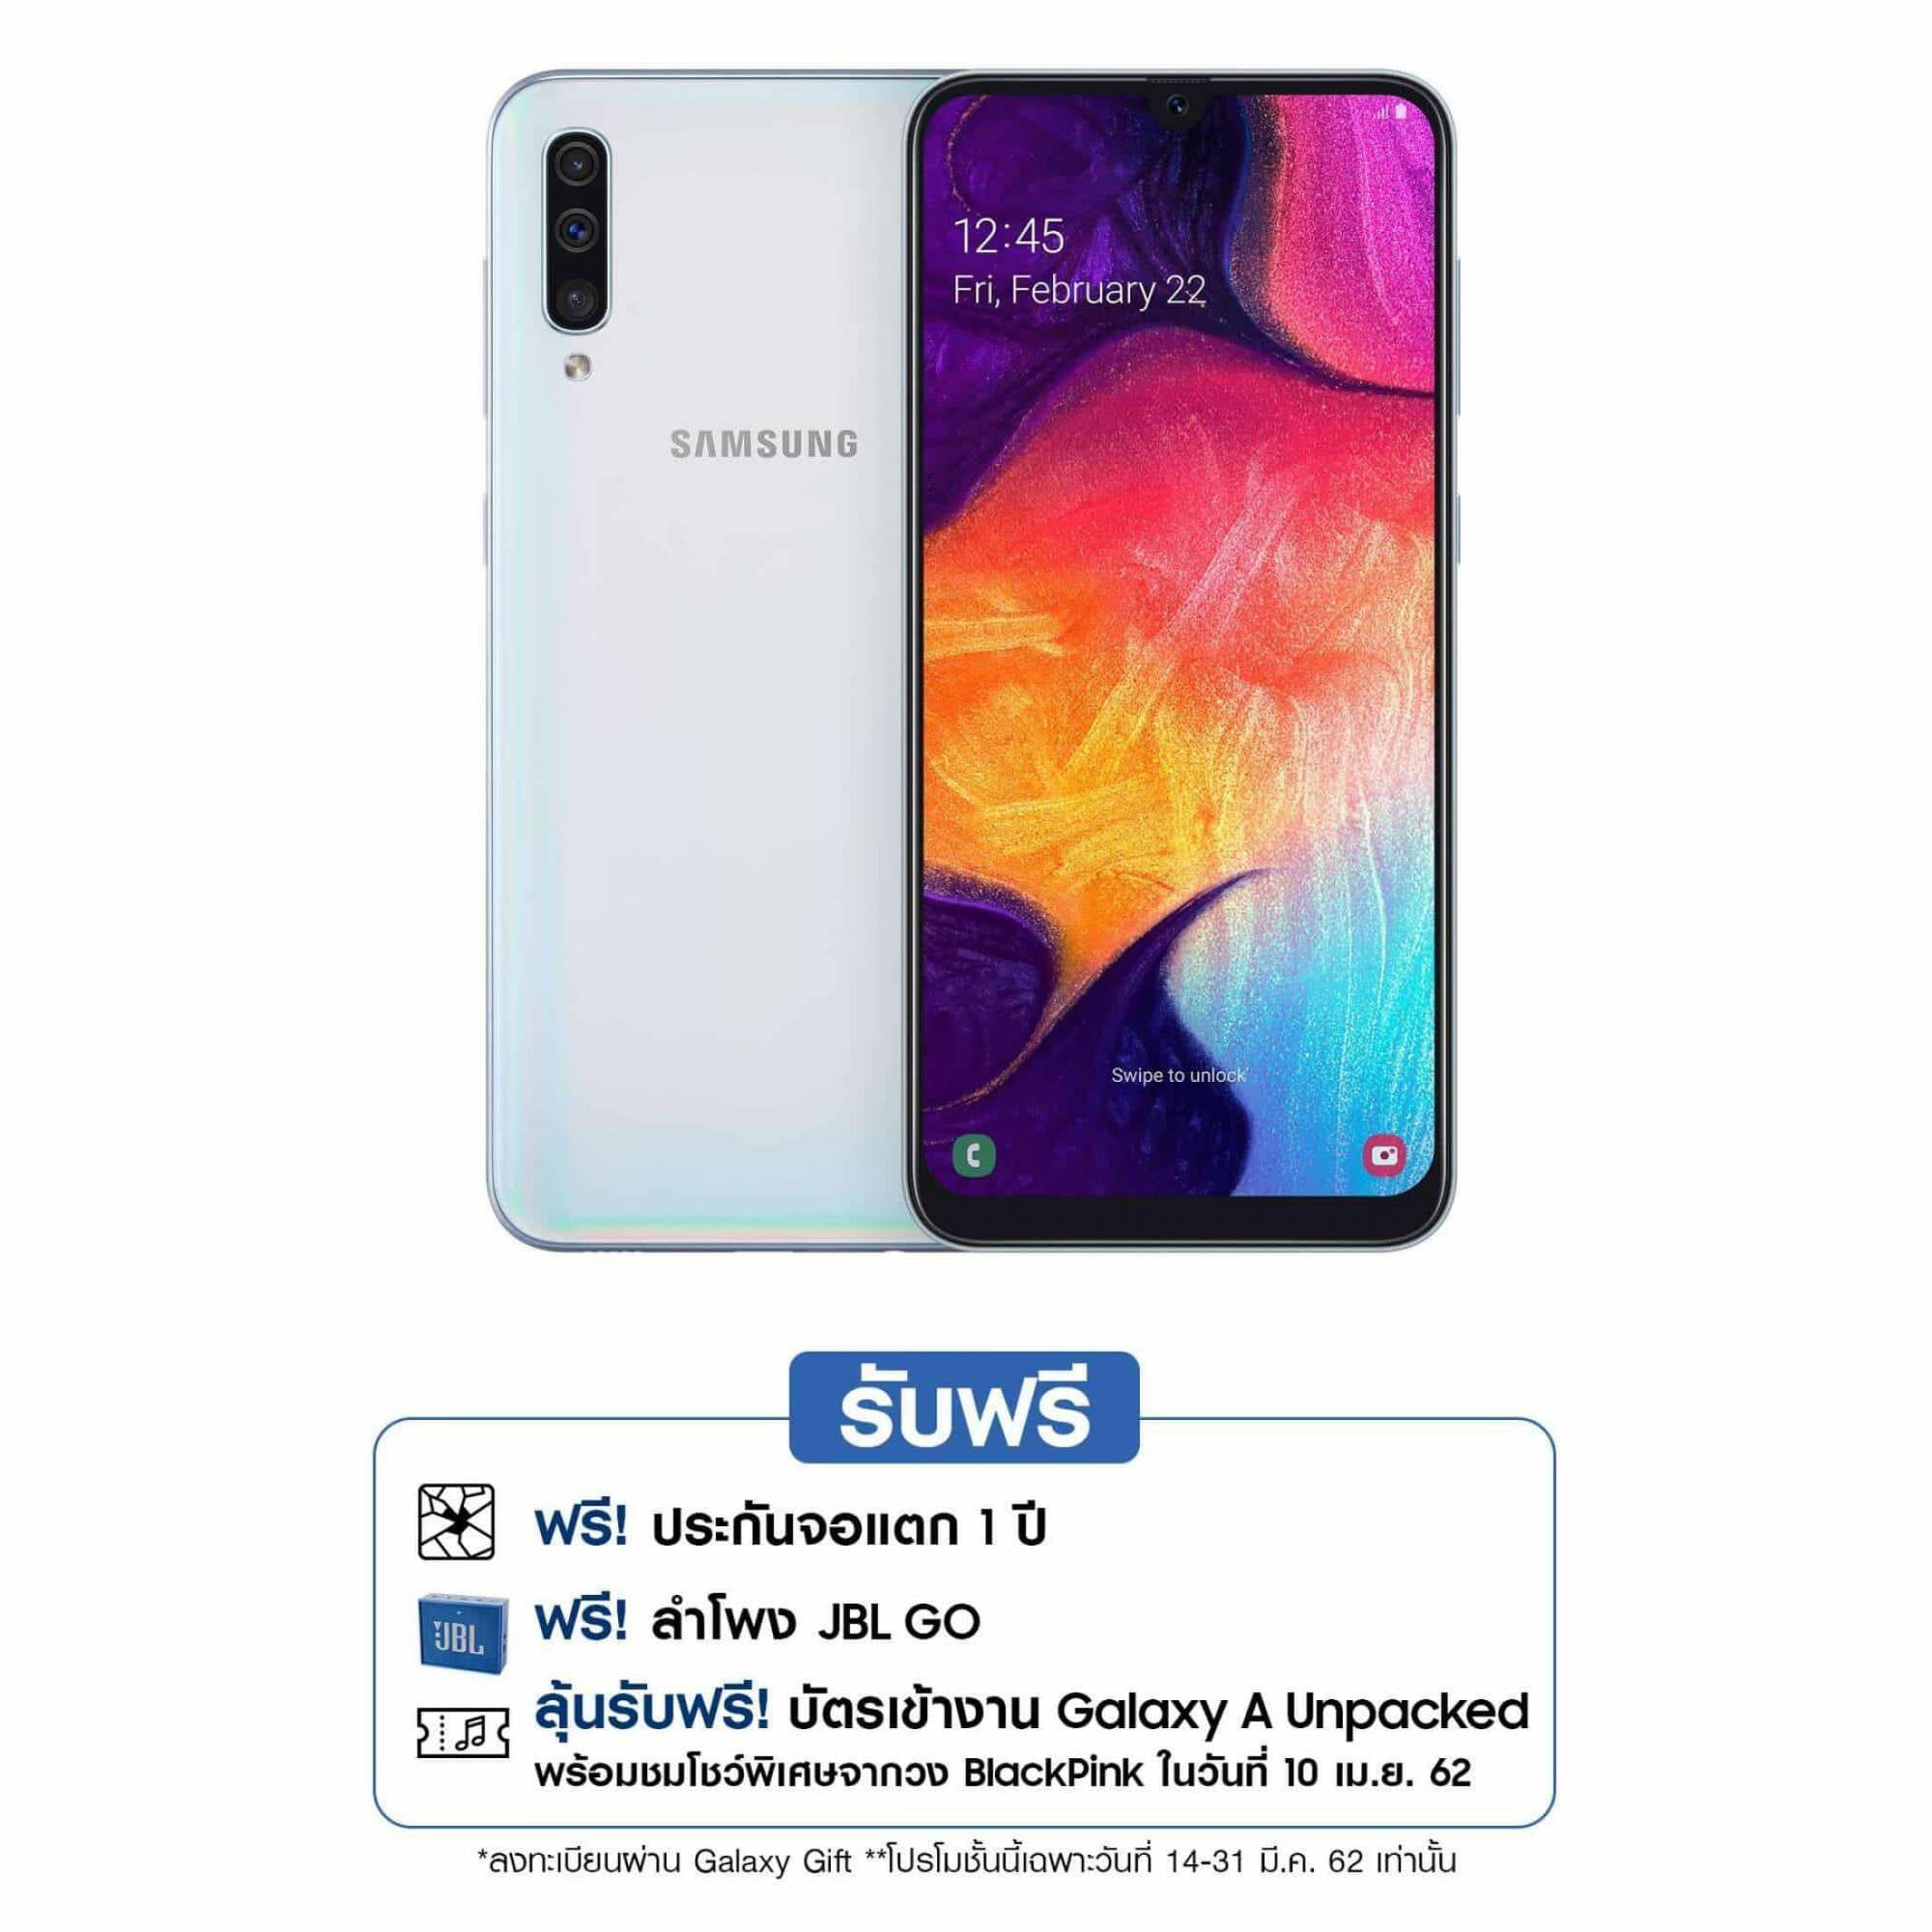 เปิดตัว Samsung Galaxy A30 และ A50 พร้อมลุ้นชม Blackpink สุดเอ็กซ์คลูซีฟ 4